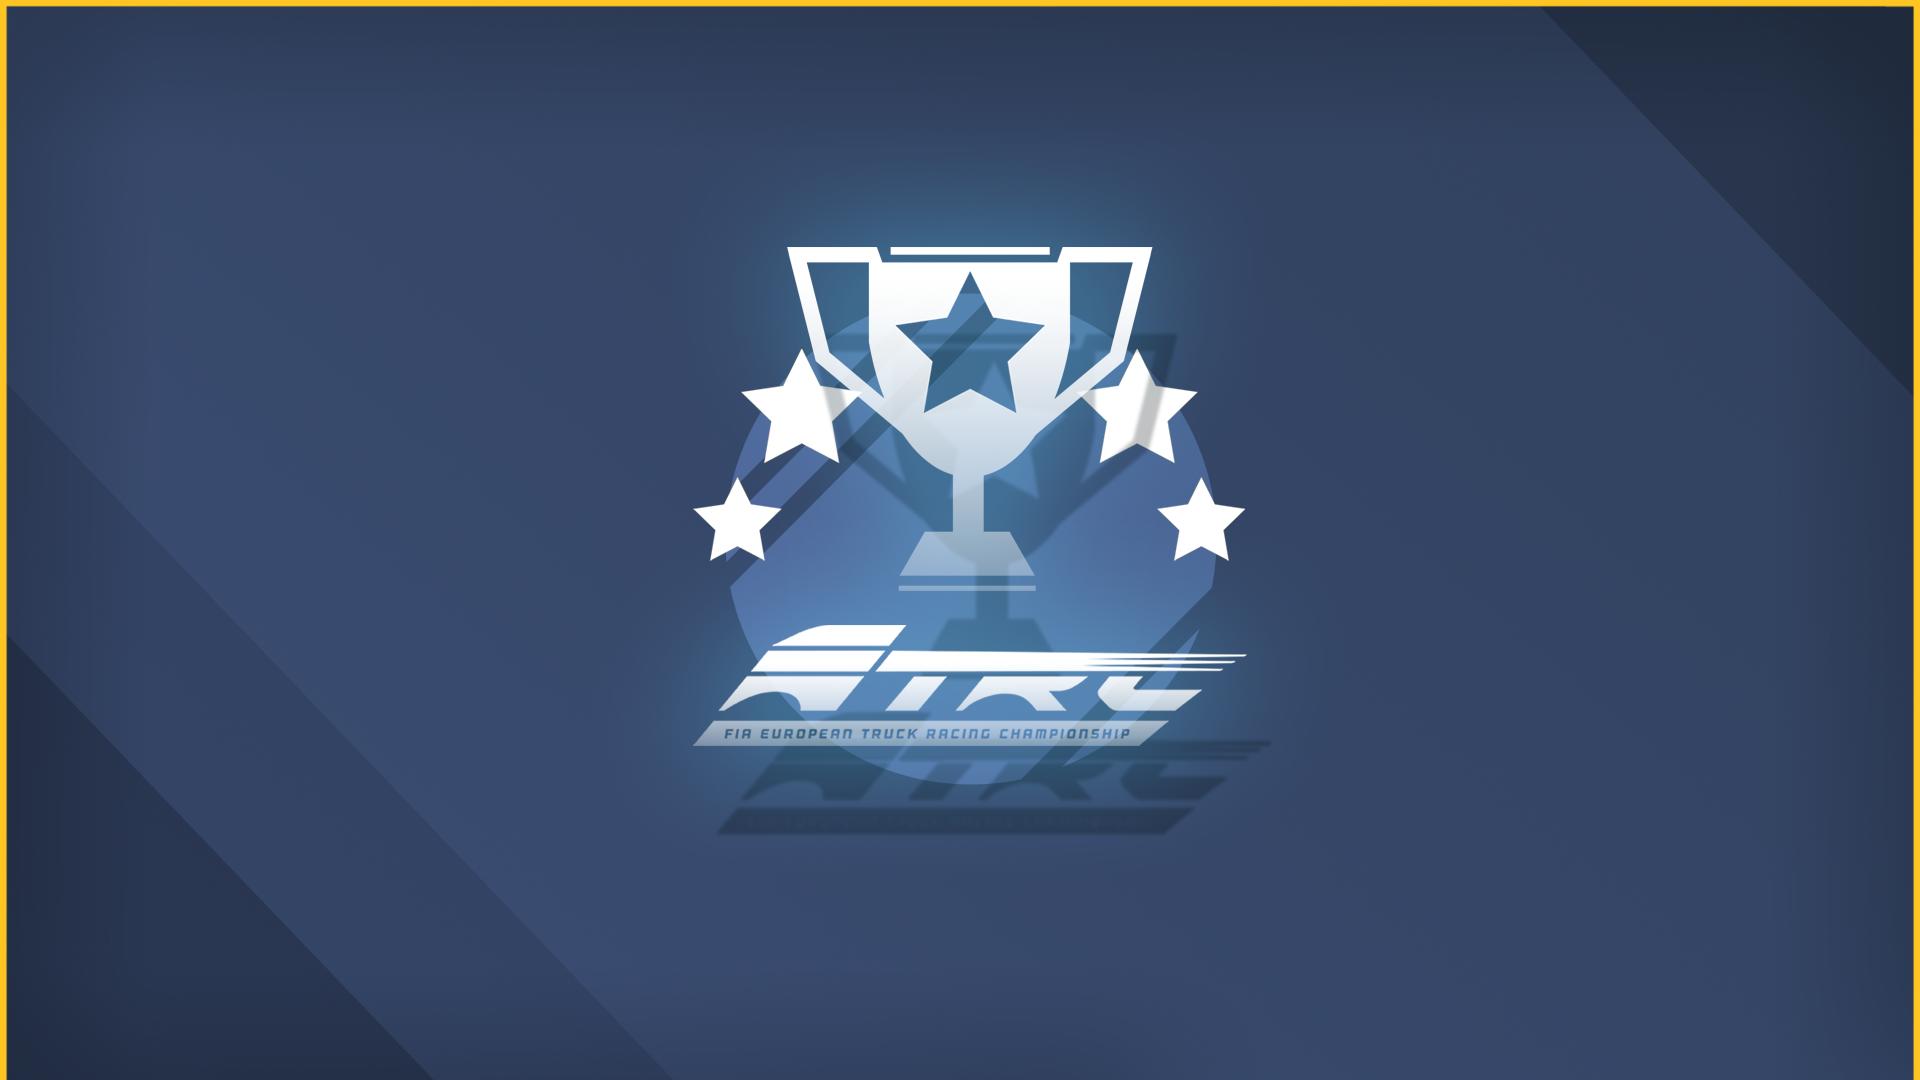 Icon for European champion